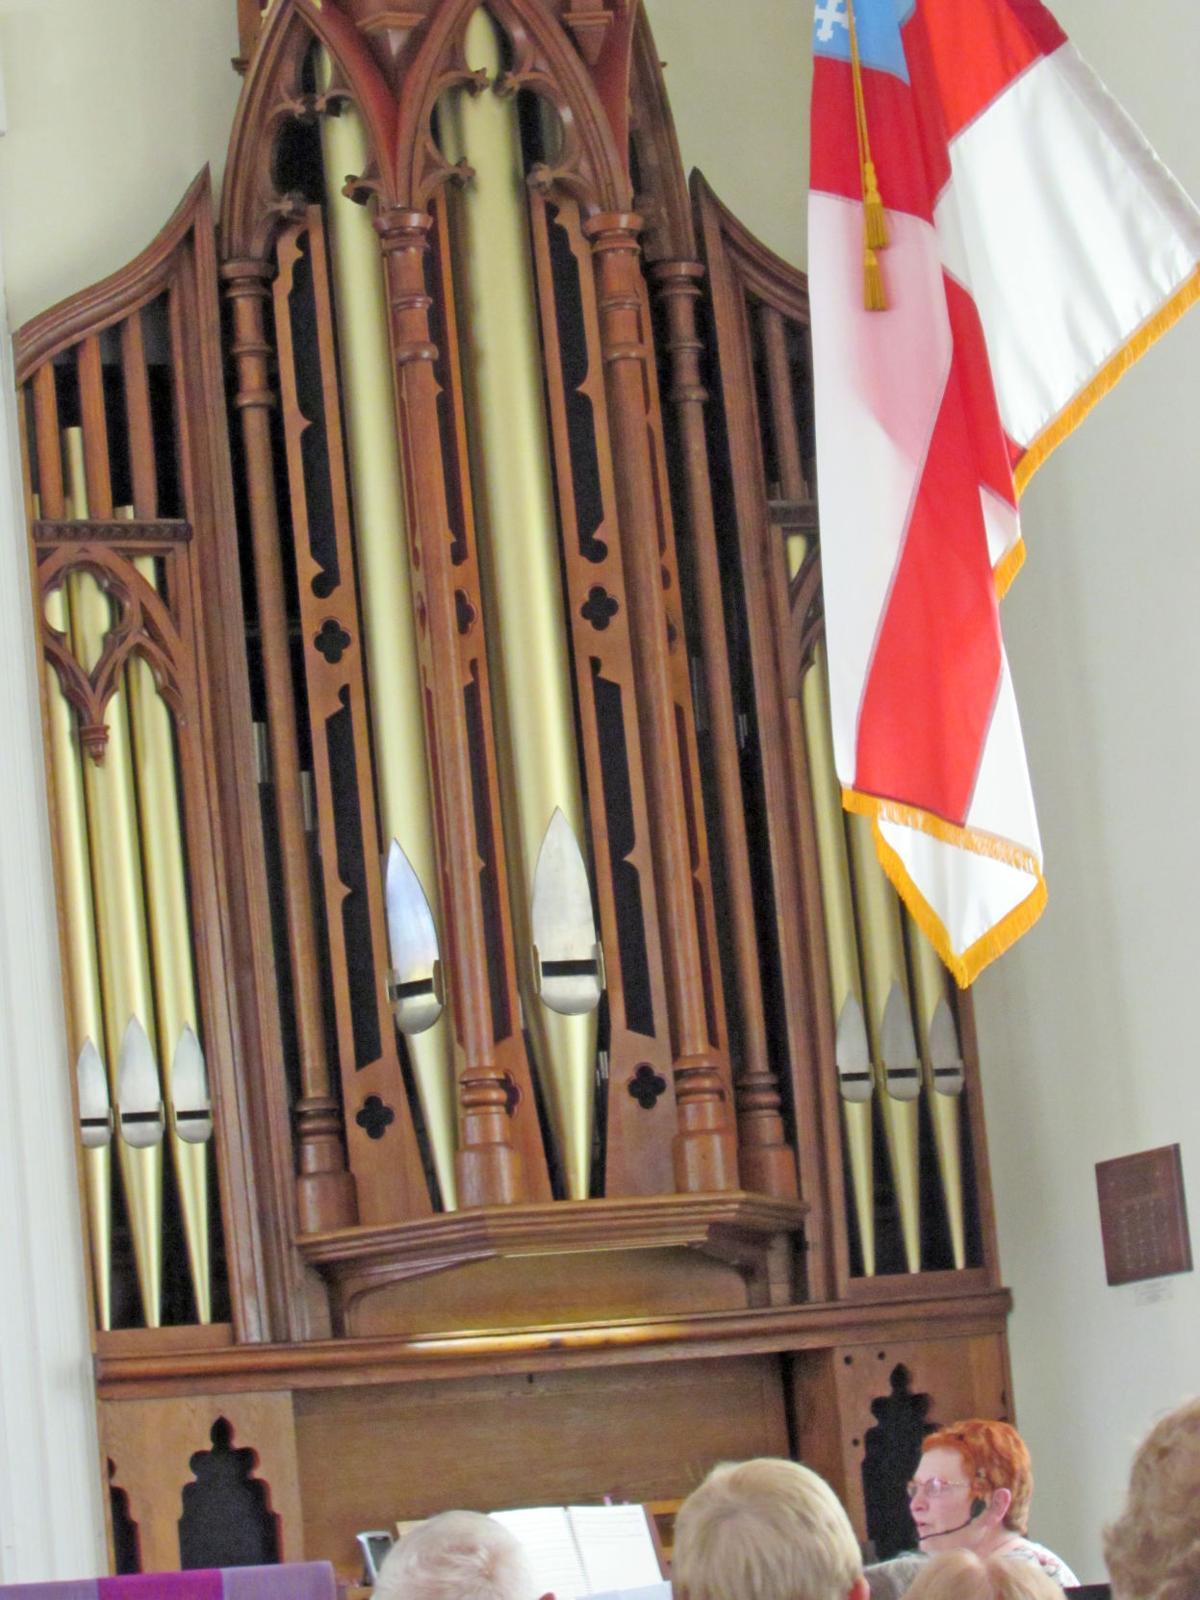 The John G. Marklove historic organ in St. Mark's Church in Candor.